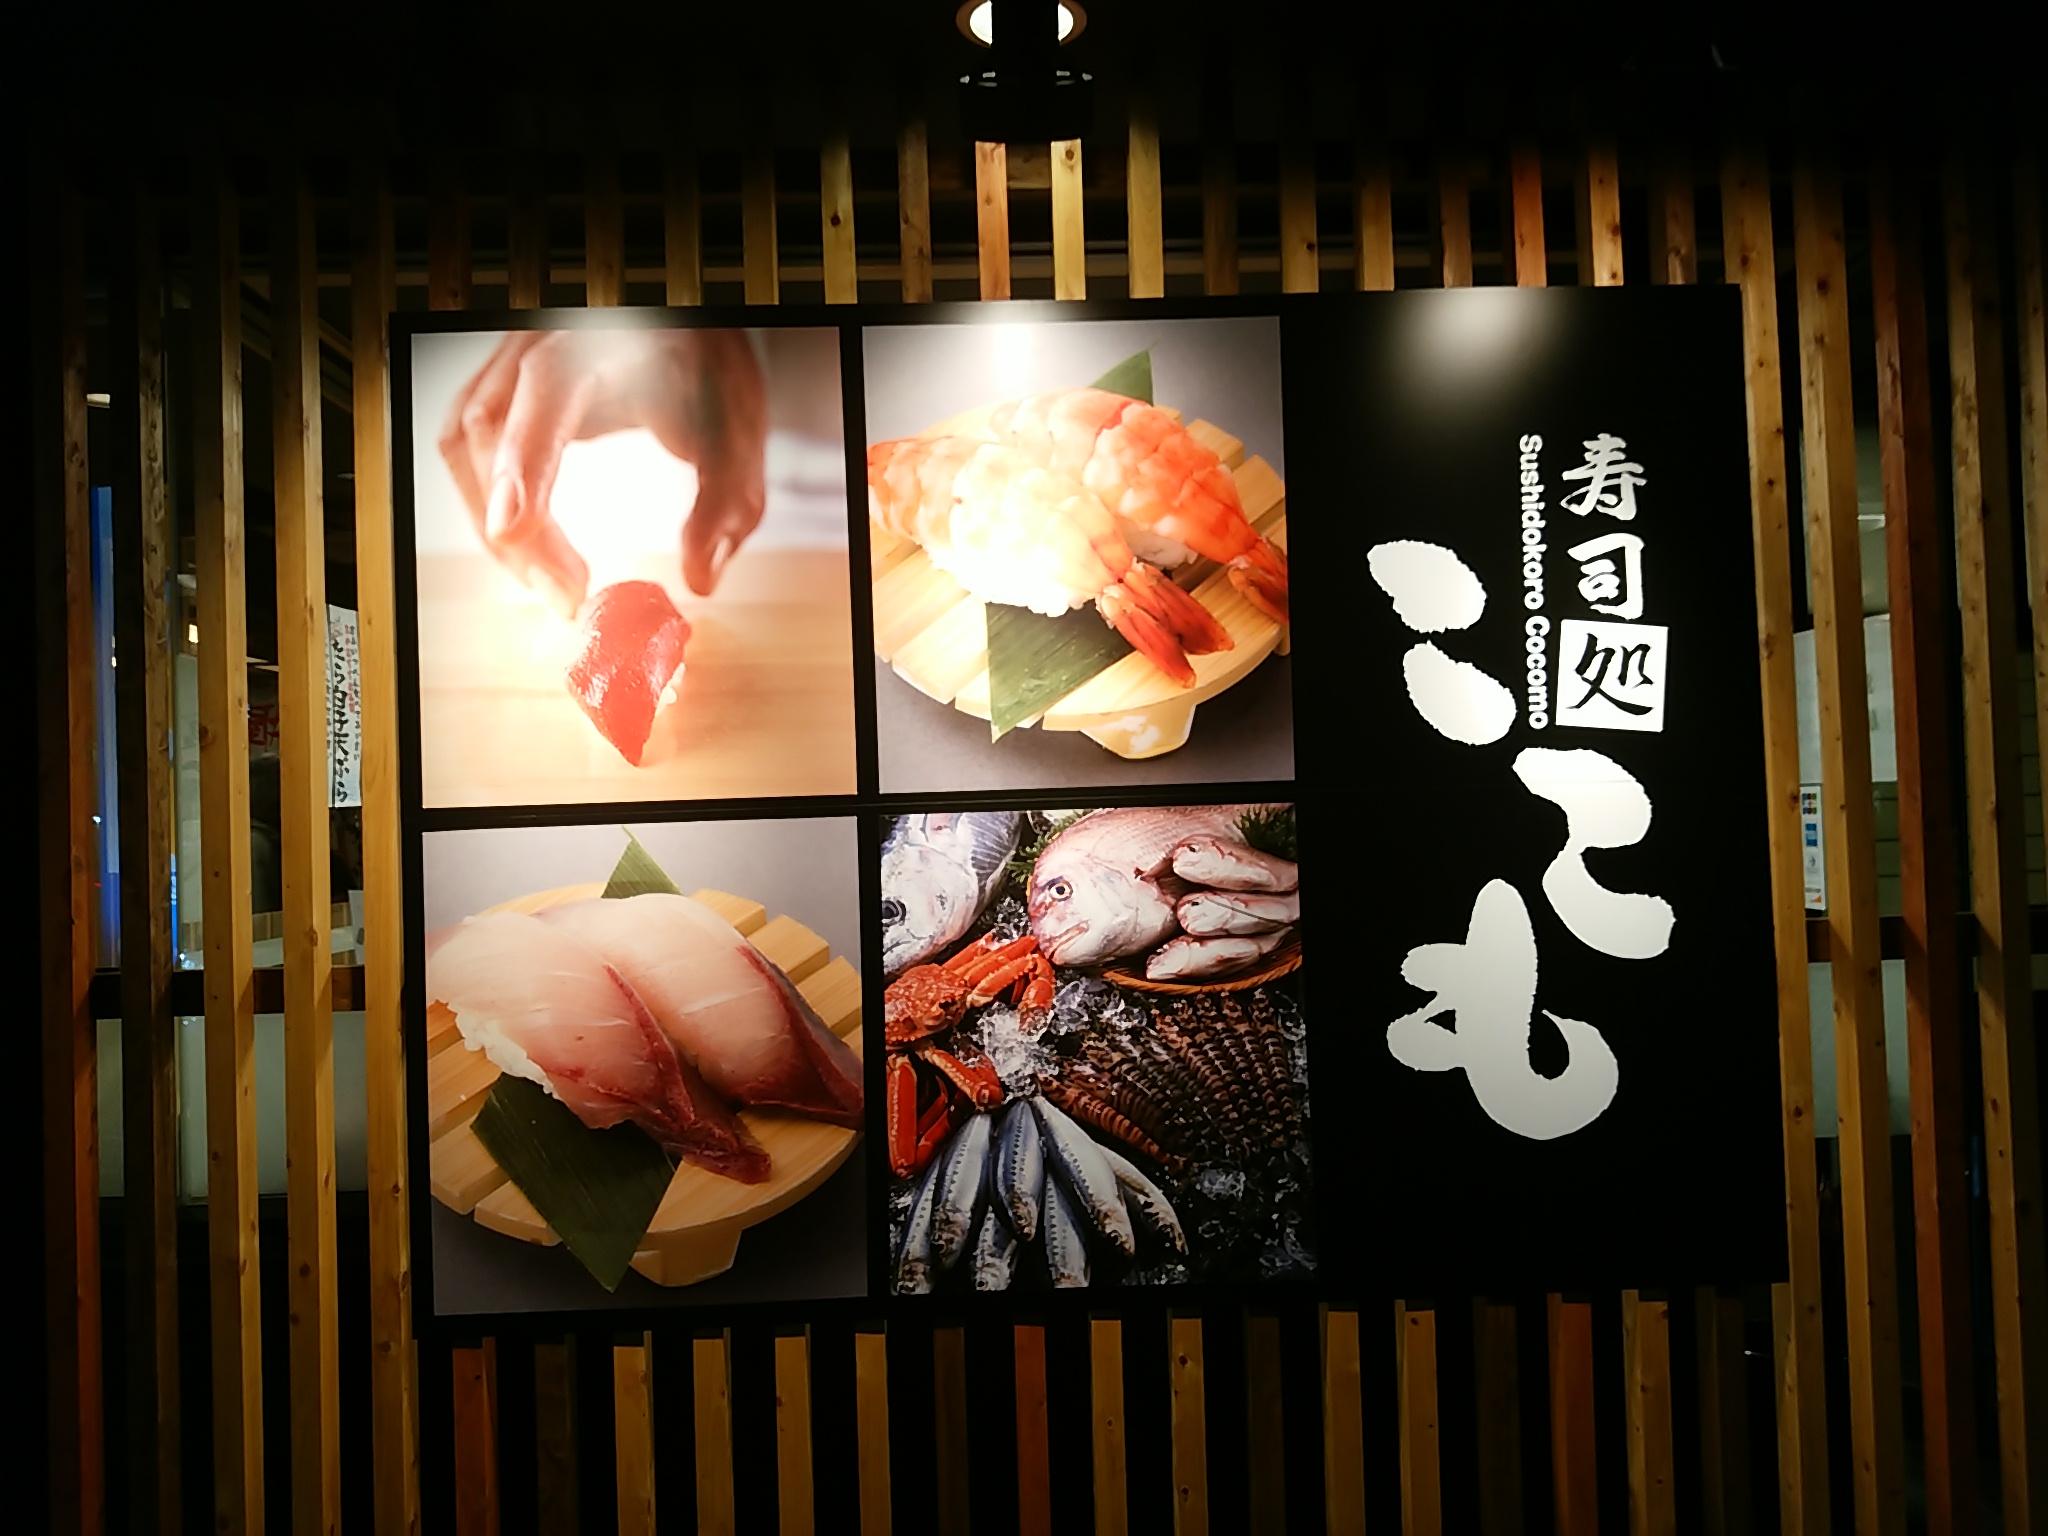 シャリが美味しい宇多津町の回転寿司「ここも」